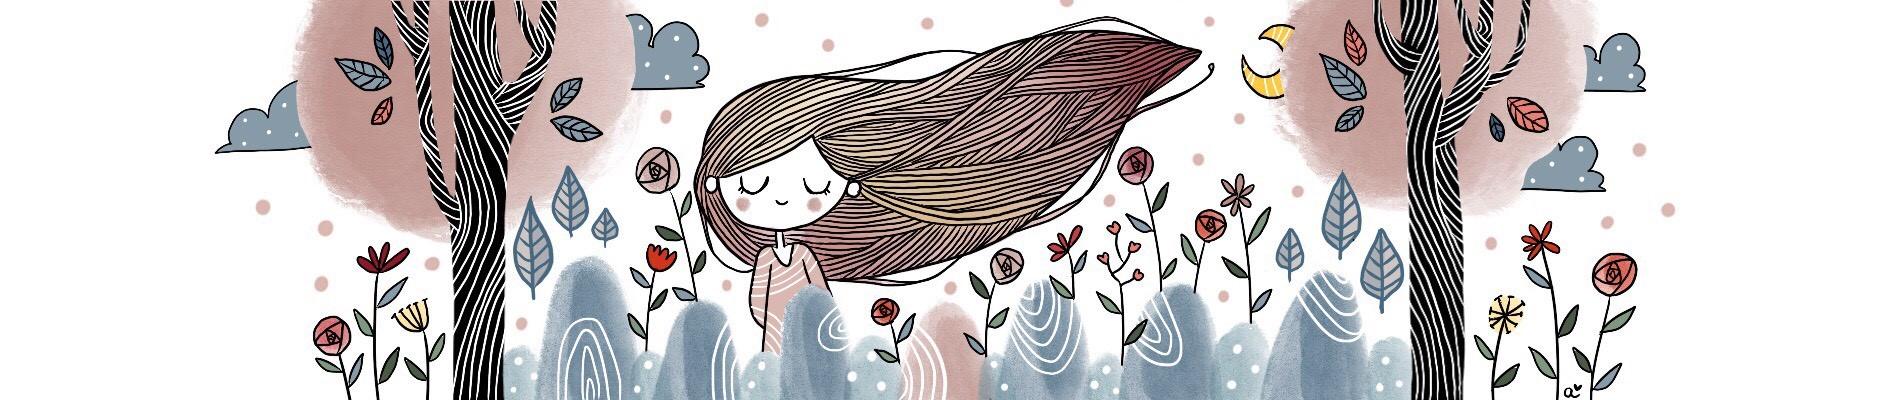 Illustration de la page d'accueil - Anouck Ferri